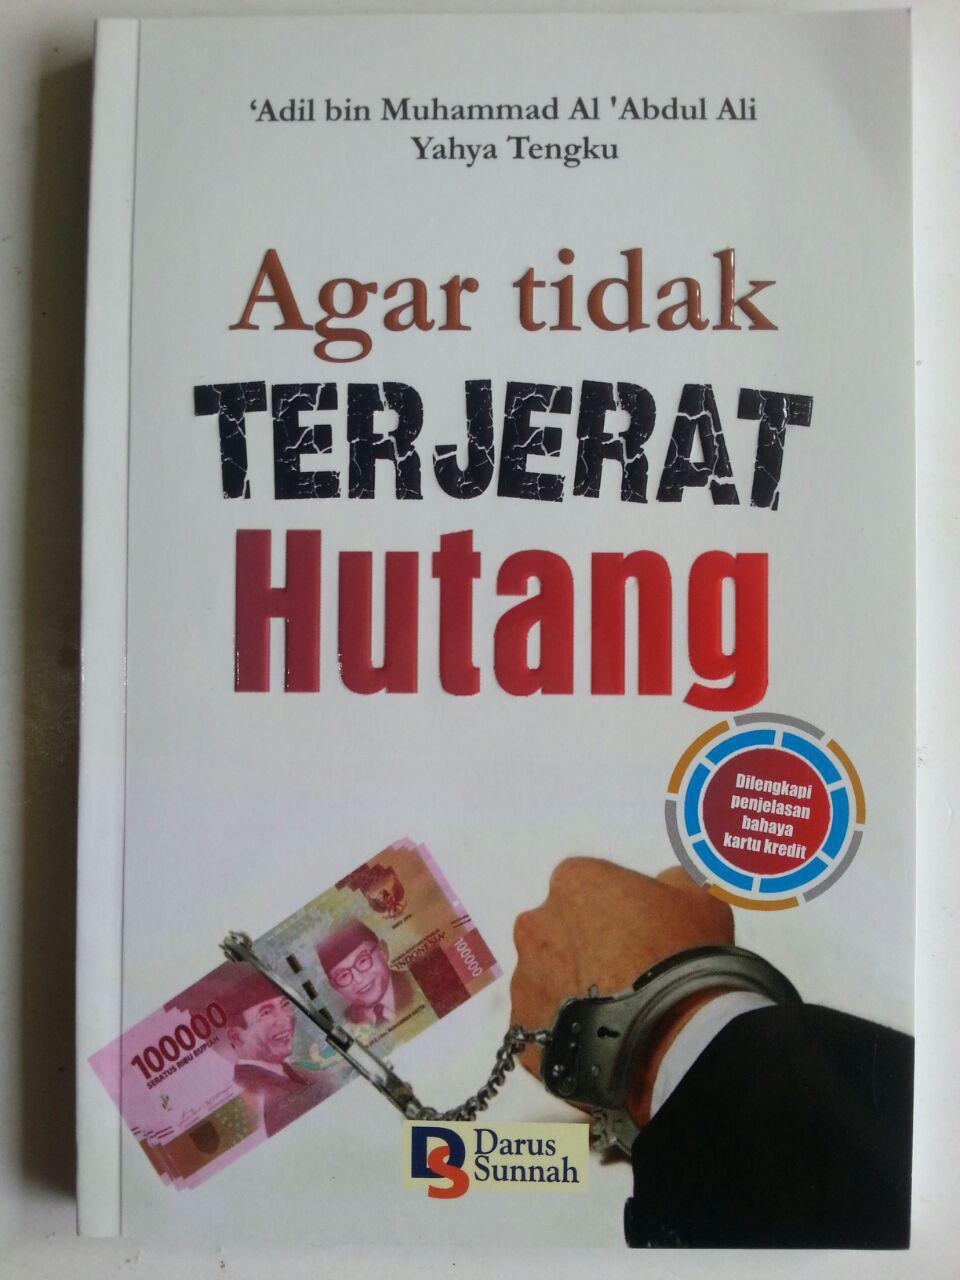 Buku Agar Tidak Terjerat Hutang Plus Penjelasan Bahaya Kartu Kredit cover 2